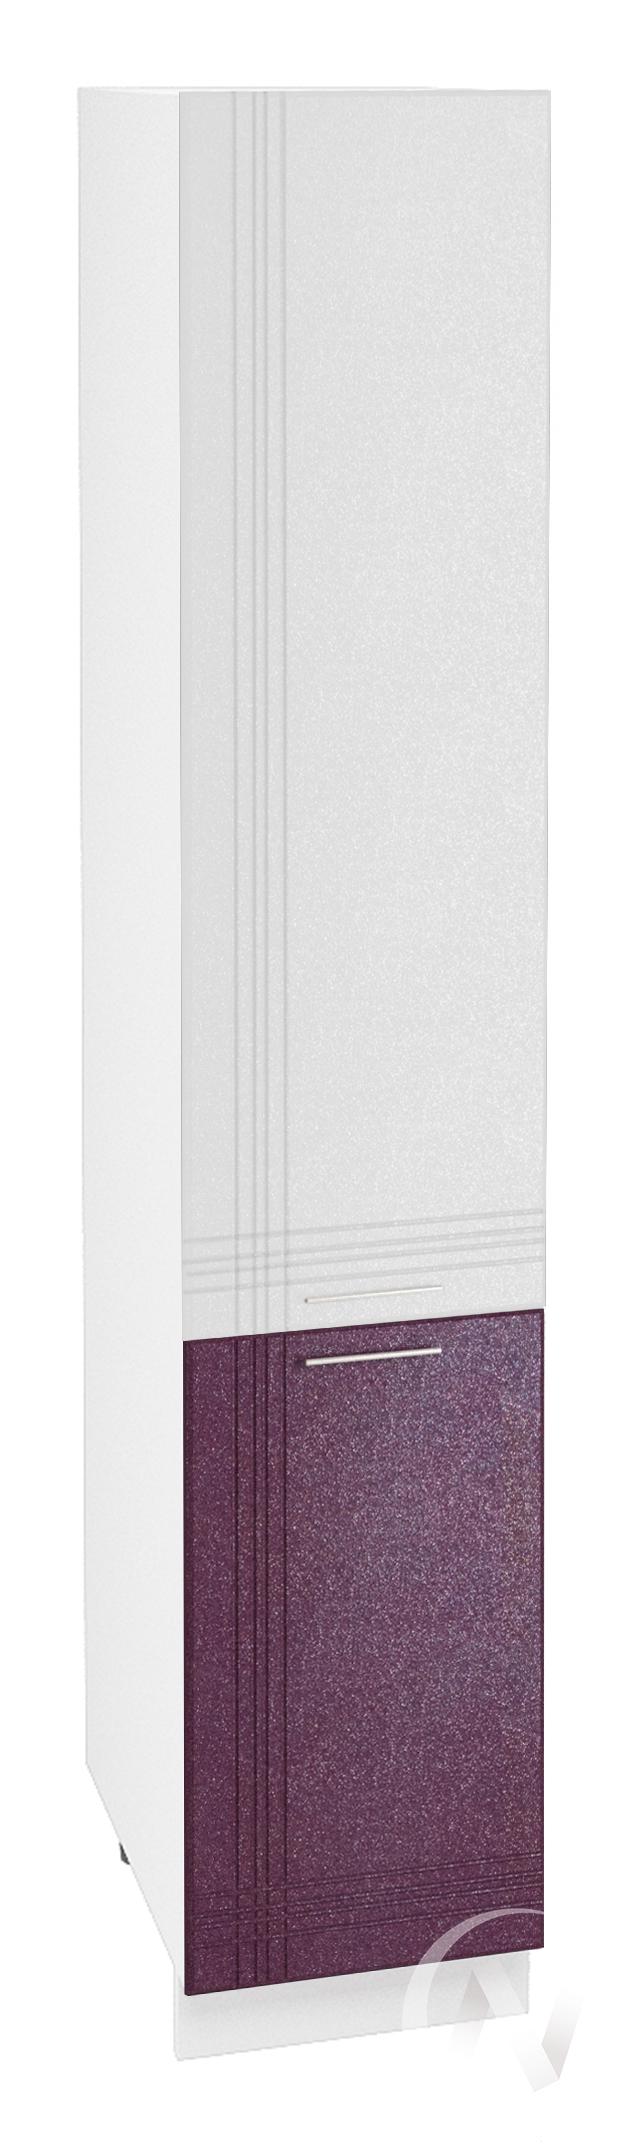 """Кухня """"Струна"""": Шкаф пенал 400, ШП 400 (белый/фиолетовый металлик/корпус белый)"""